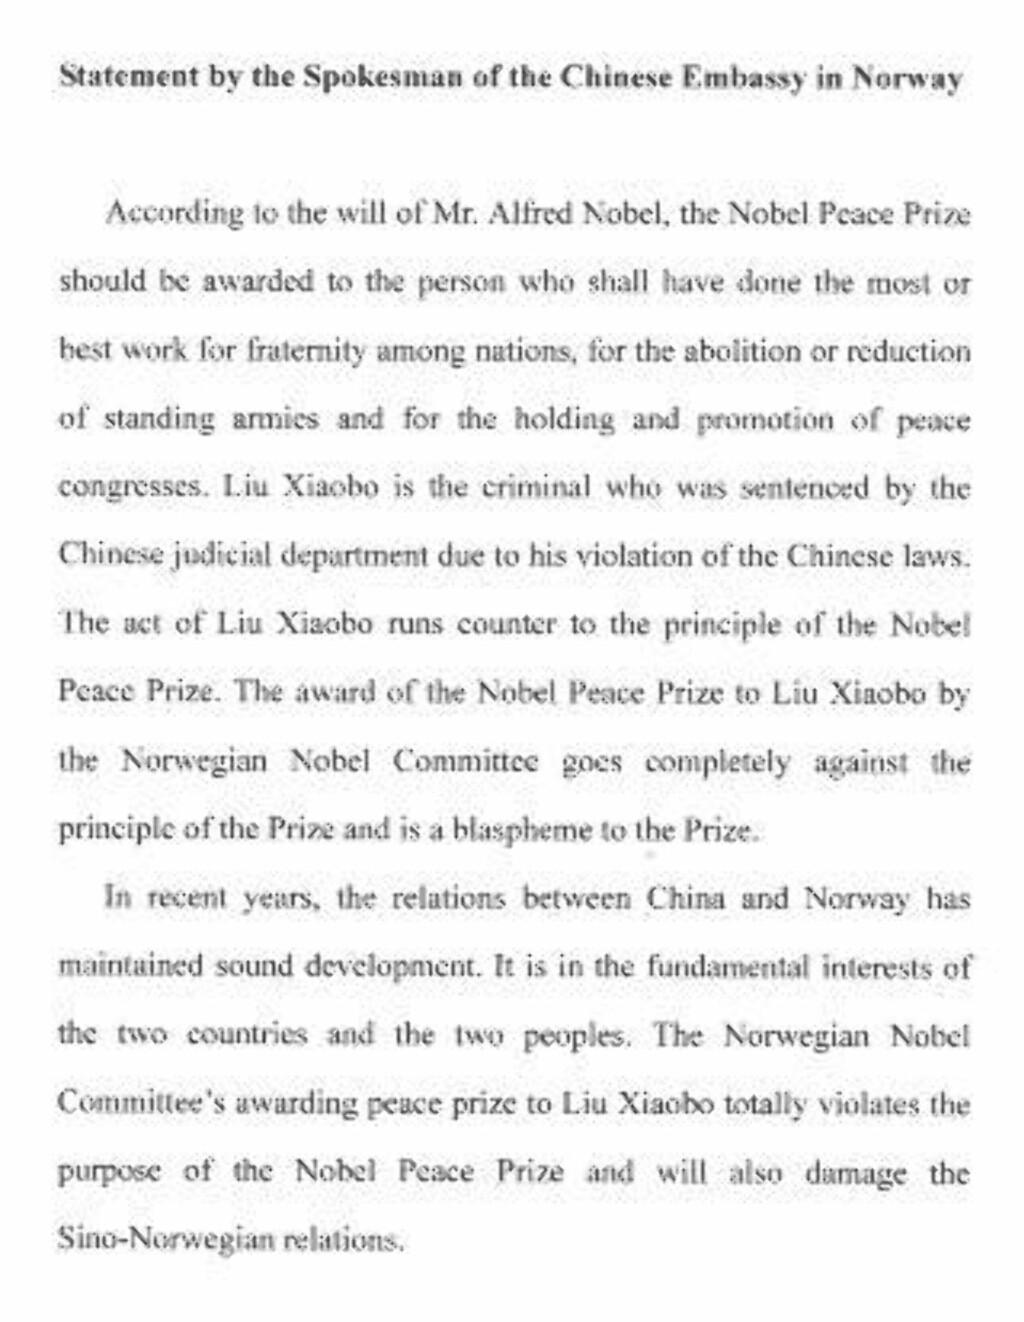 KRASST UTFALL: Ambassaden legger ikke fingrene imellom i sin offisielle uttalelse om fredspristildelingen. Faksimile: Uttalelsen fra den kinesiske ambassaden i Norge.